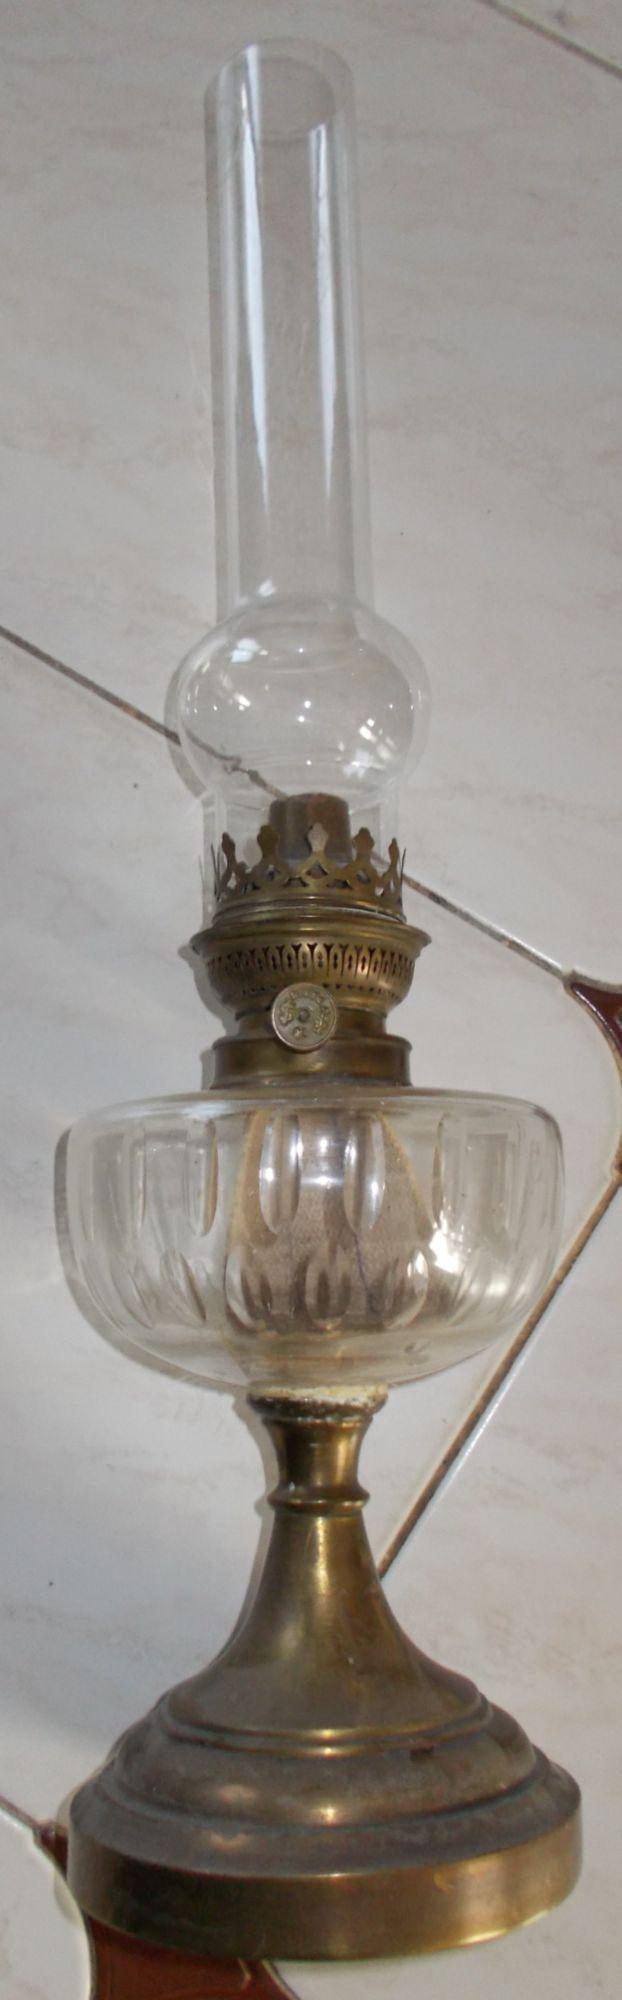 1000 id es sur le th me lampe a petrole sur pinterest lampe sarcelle d cor de lampe huile. Black Bedroom Furniture Sets. Home Design Ideas